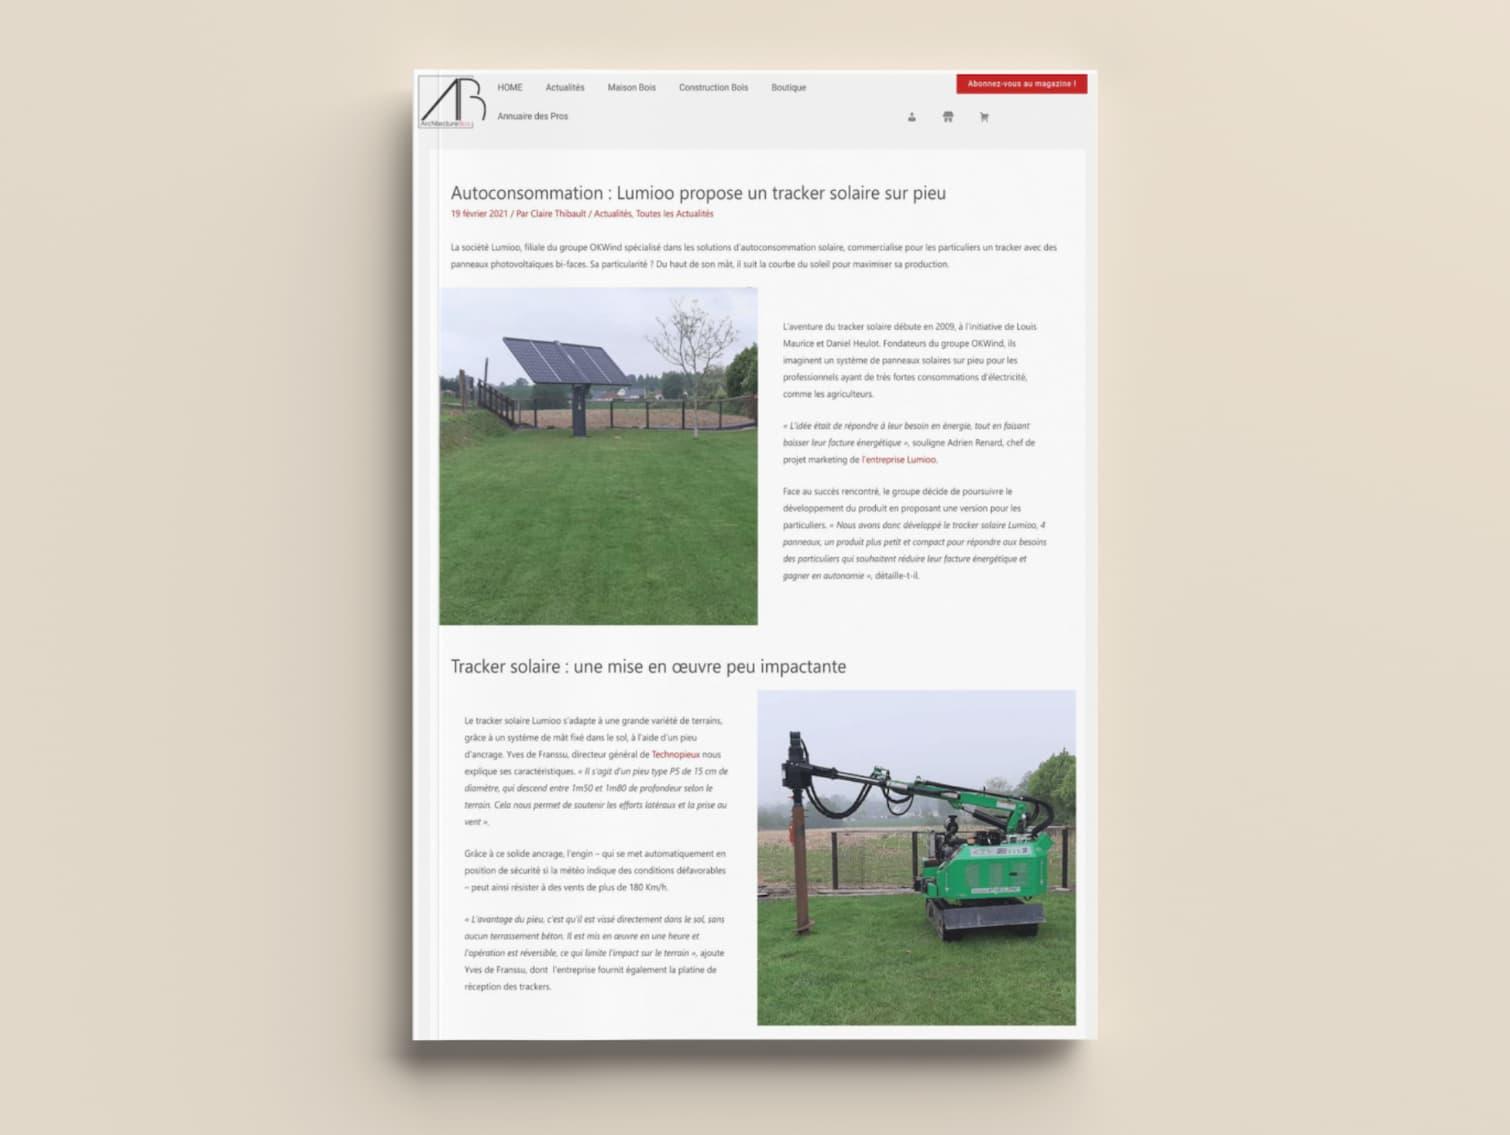 Le tracker solaire Lumioo dans Architecture Bois Magazine